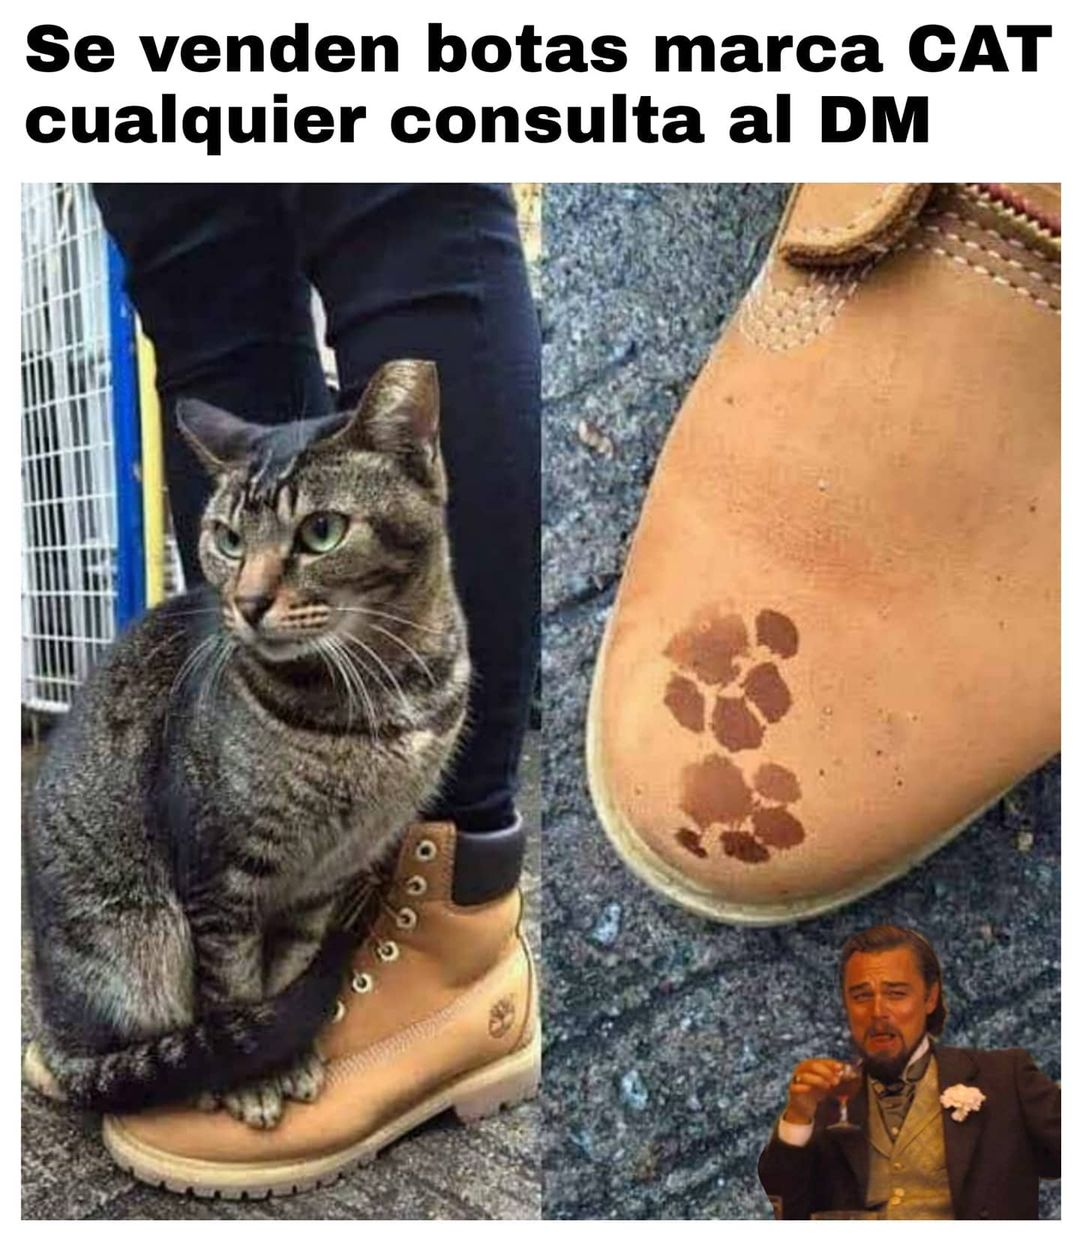 Se venden botas marca CAT cualquier consulta al DM.